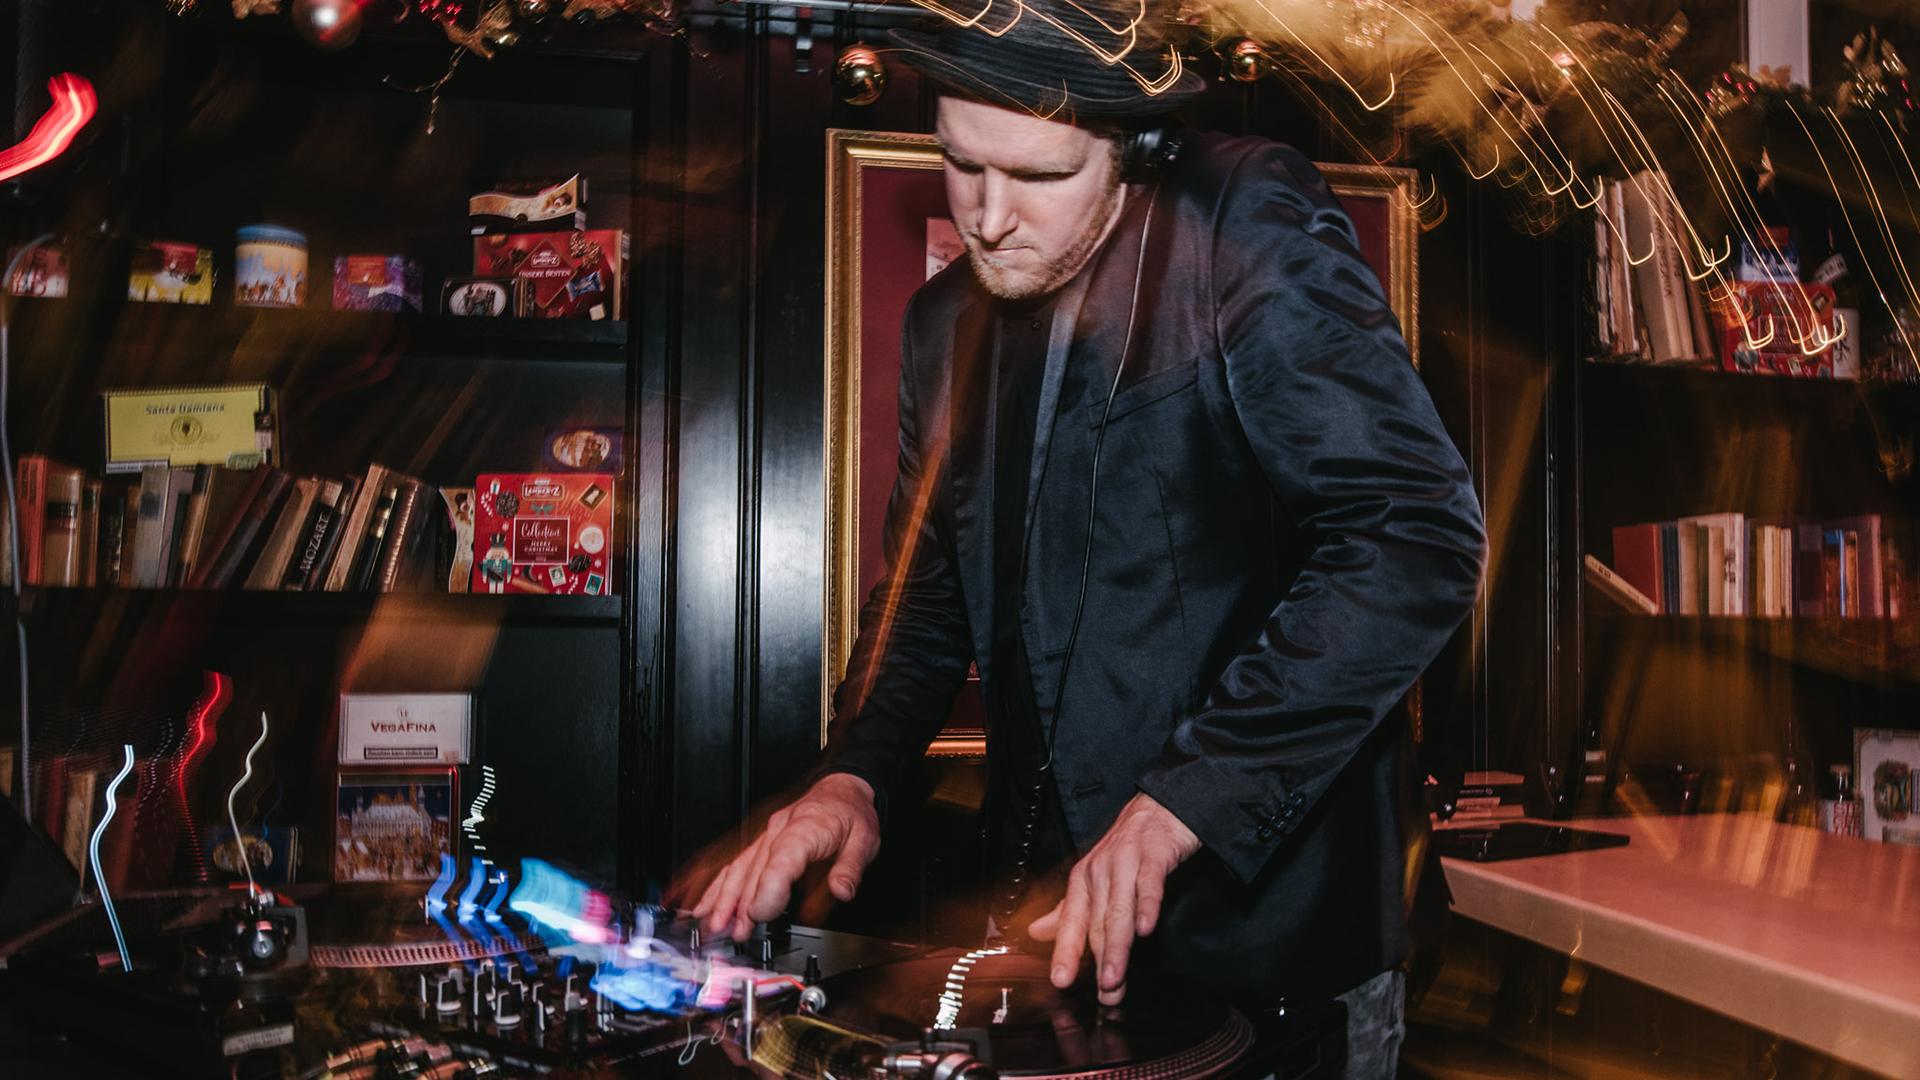 DJNeils-Event-DJ-Wolkenburg-Koeln-Stefano-Chiolo-02